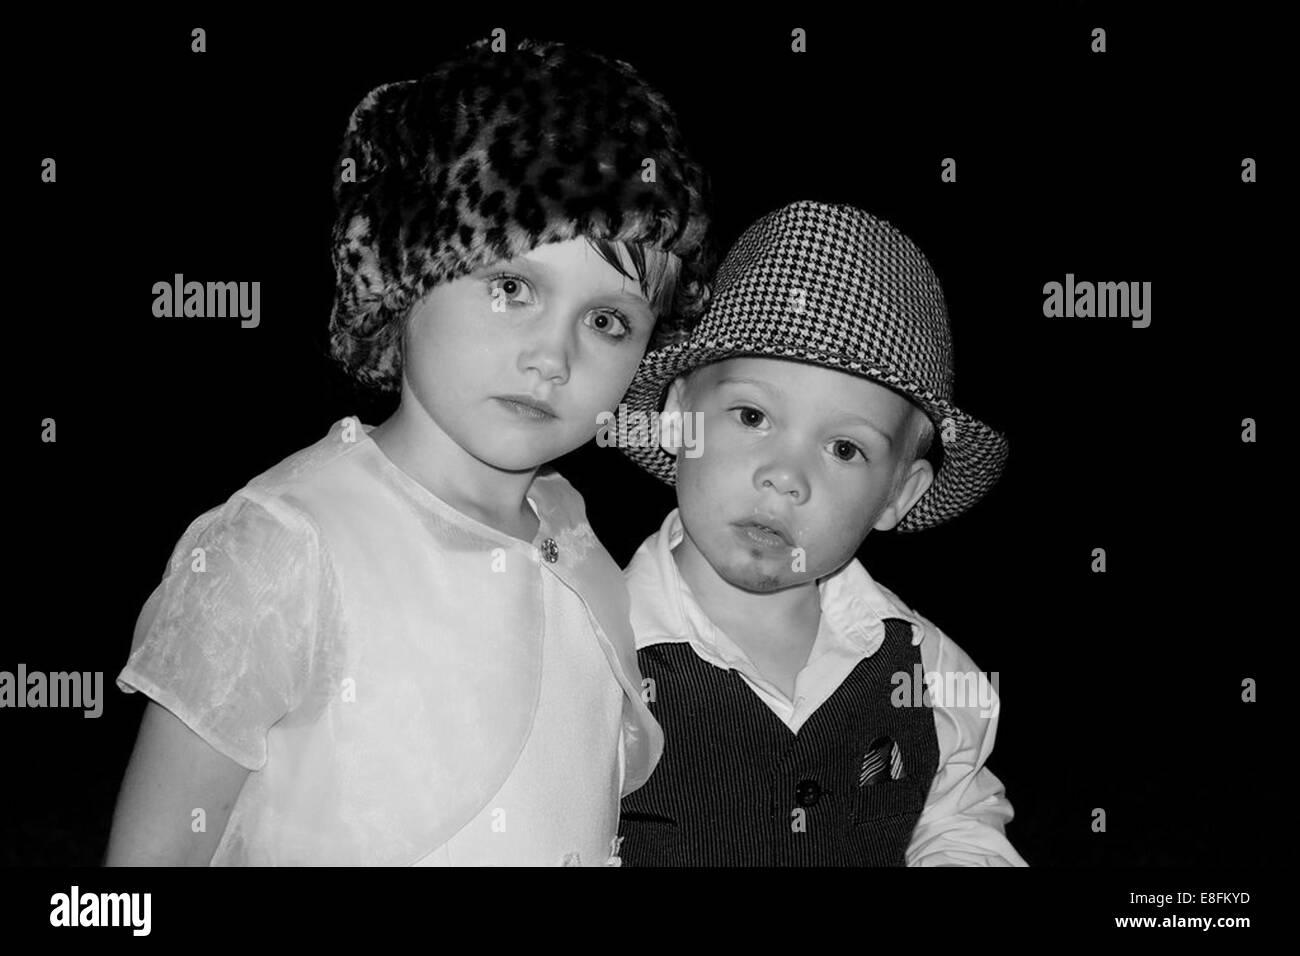 Jungen und Mädchen verkleidete sich als paar Stockbild